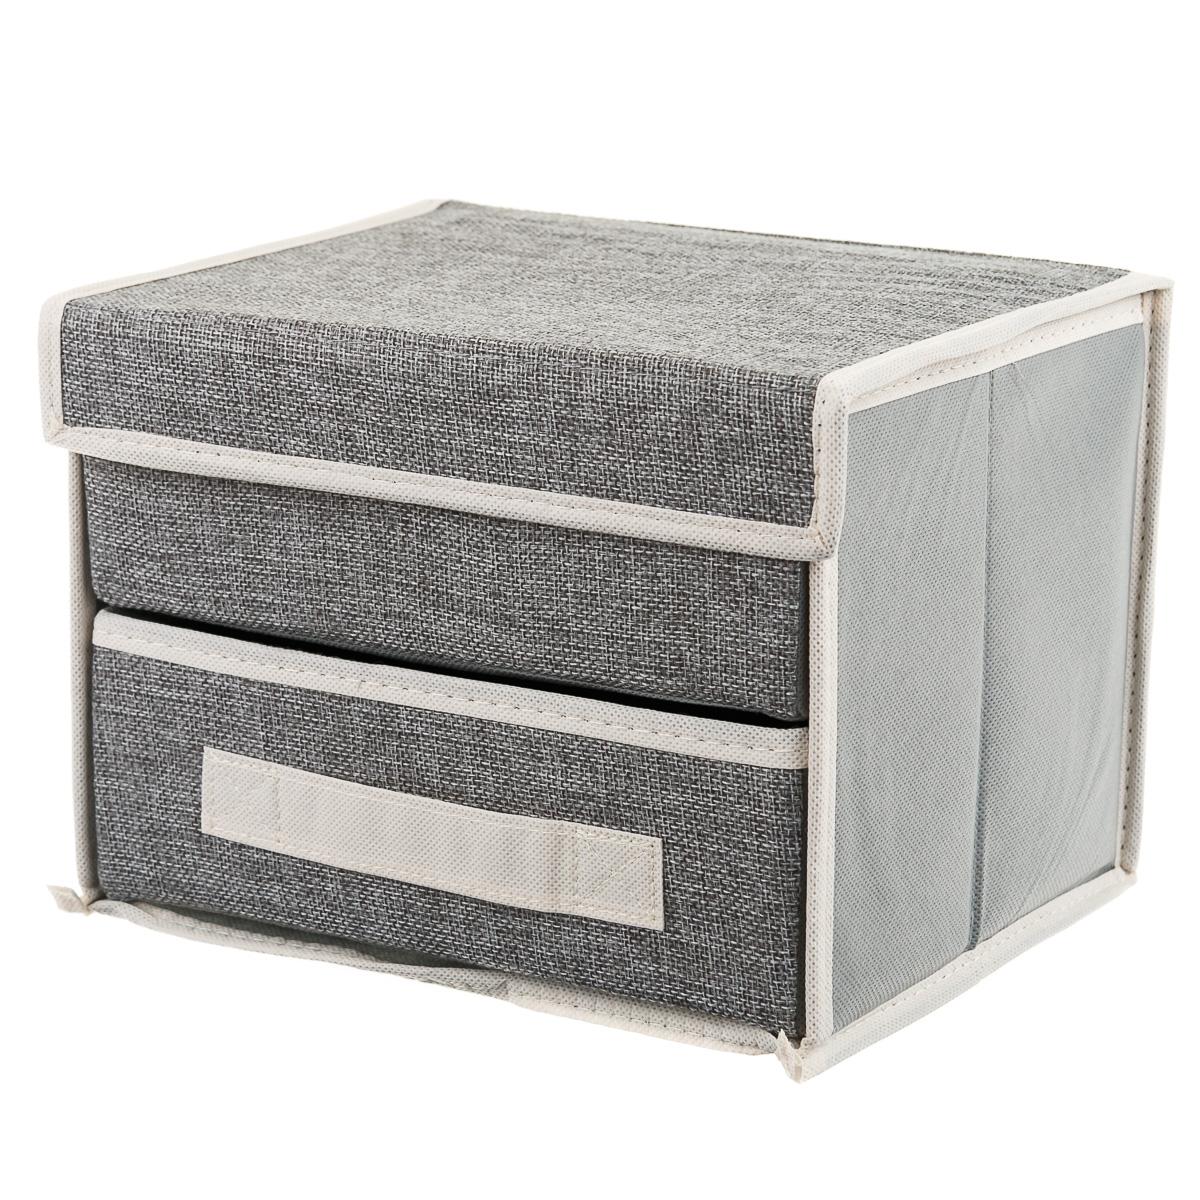 Коробка текстильная для хранения вещей, с 2 отделениями